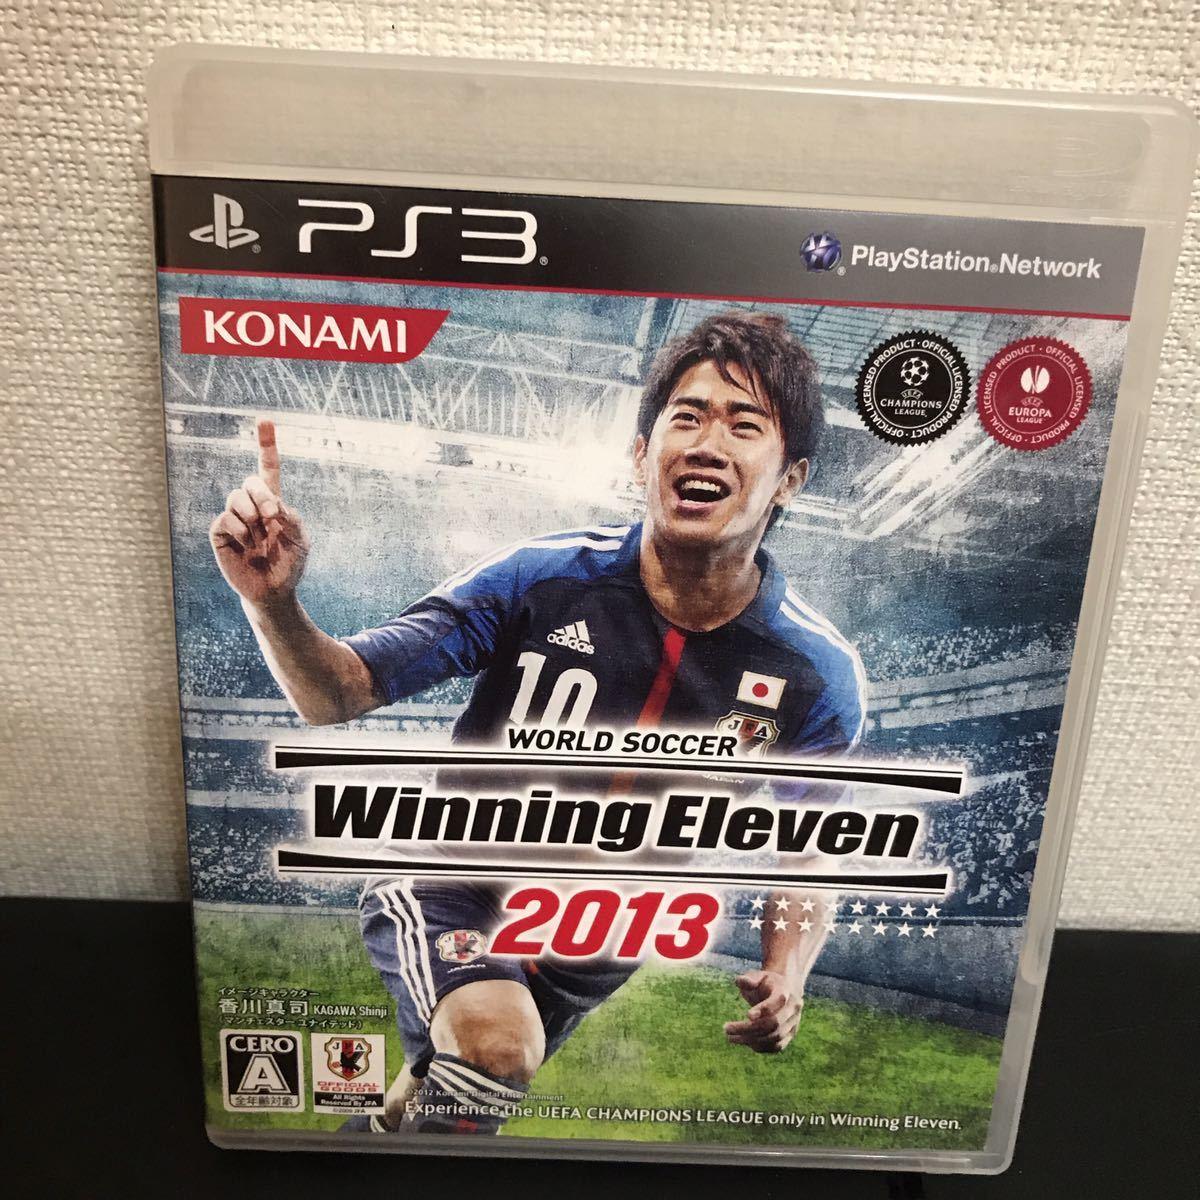 ワールドサッカー ウイニングイレブン 2013 ps3 サッカーゲーム